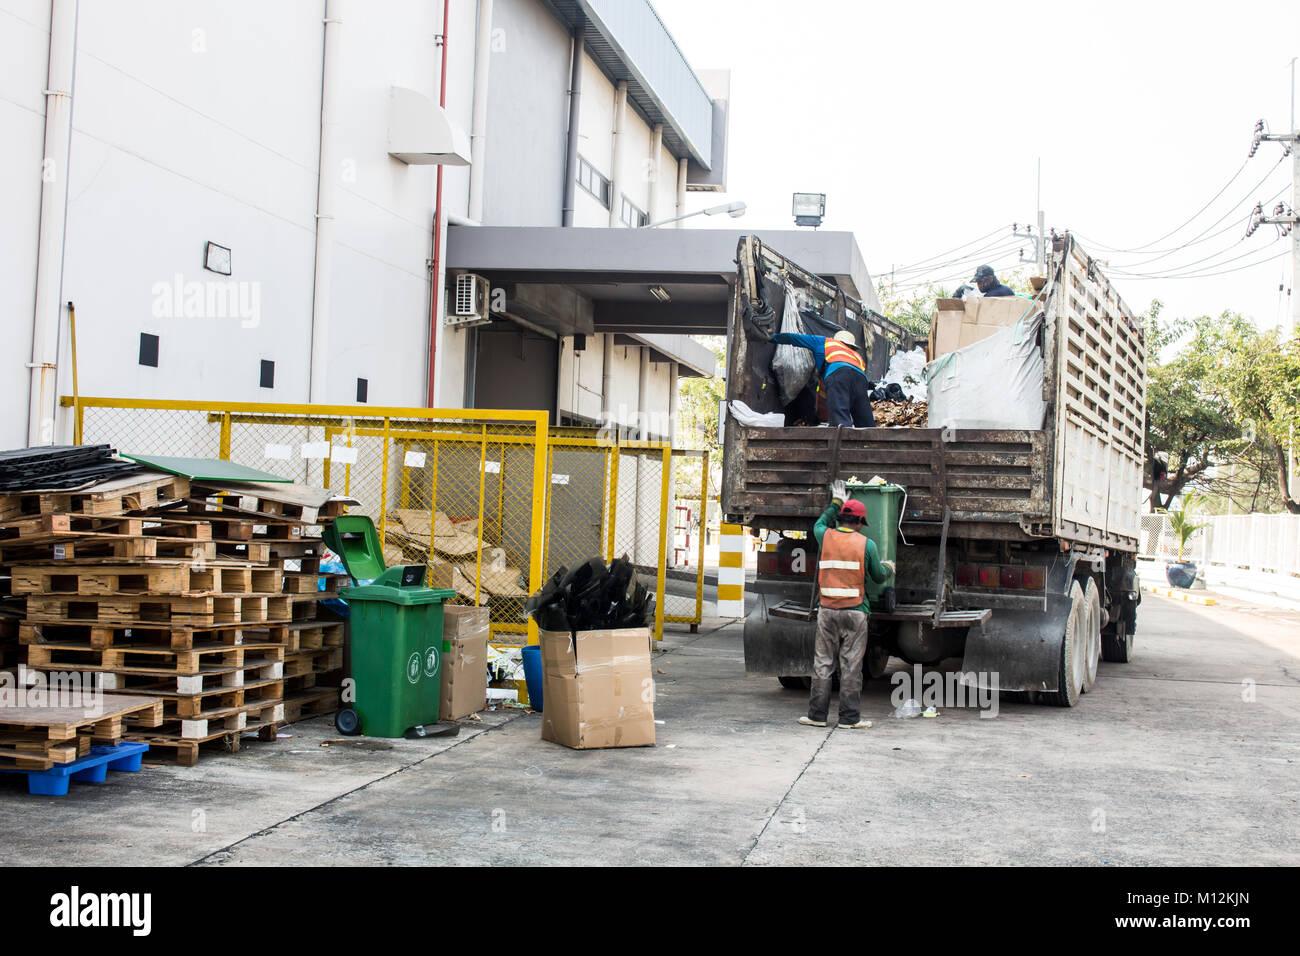 La gestione dei rifiuti, il camion della spazzatura con il lavoratore Immagini Stock